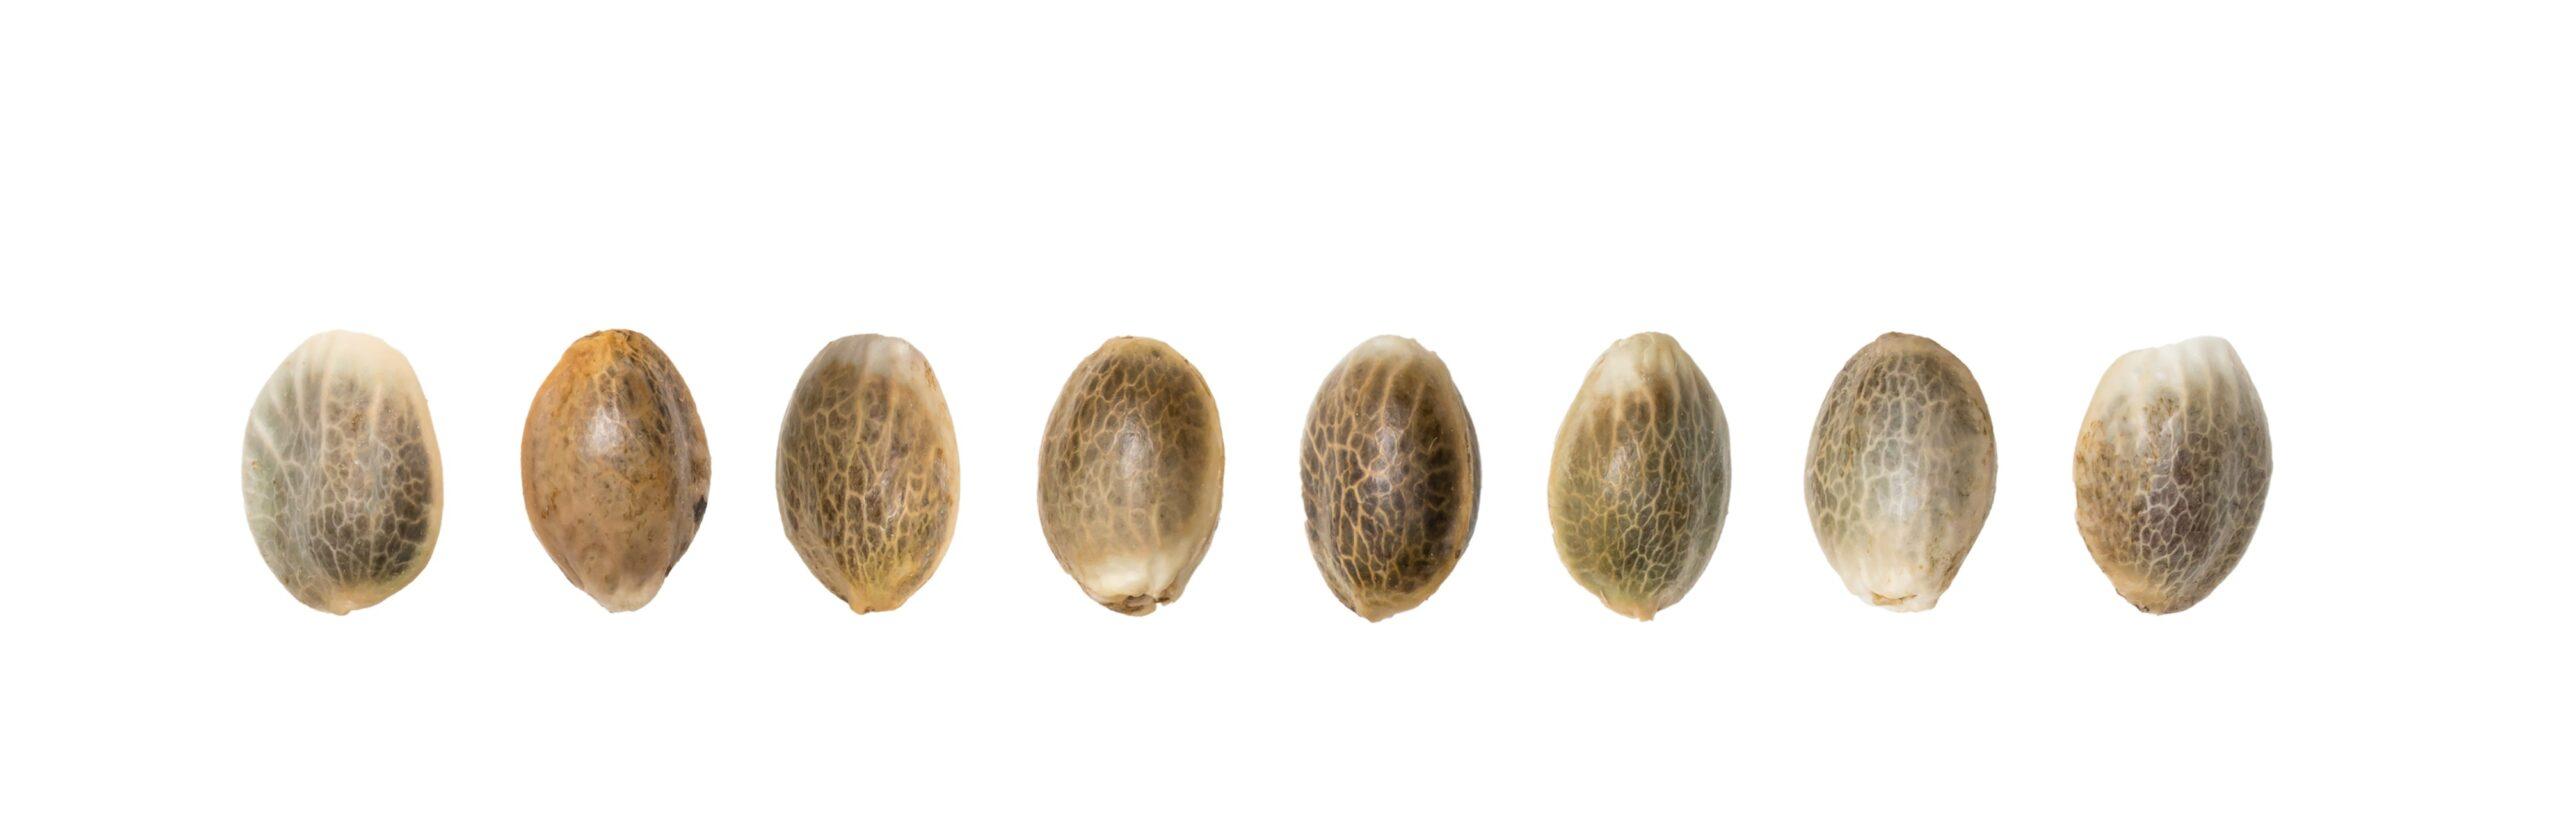 Bij Weedseedsexpress kun je veel verschillende soorten Cheese zaden kopen. Bekijk het assortiment